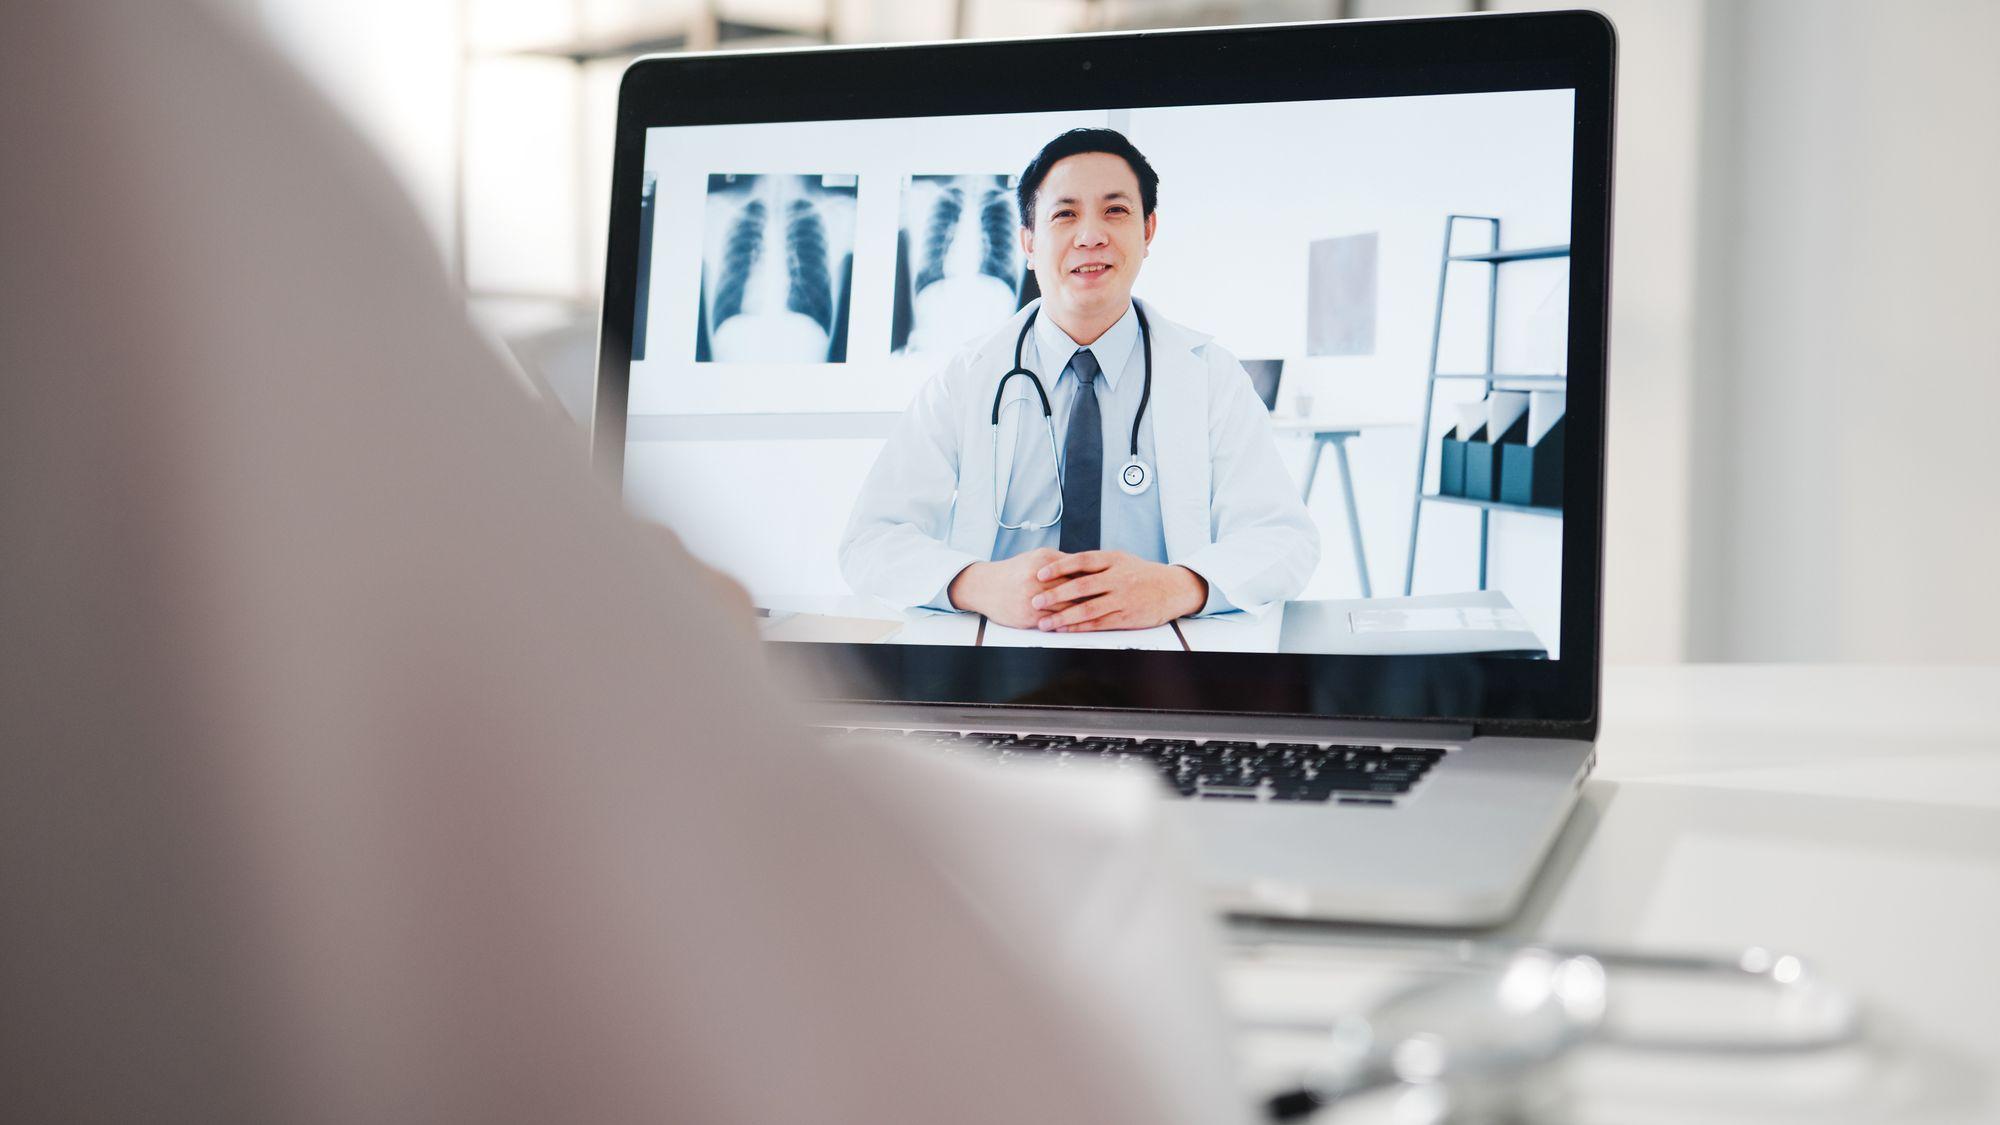 Ninsaúde Apolo en NSC TV: Programa Tech SC comenta sobre software médico